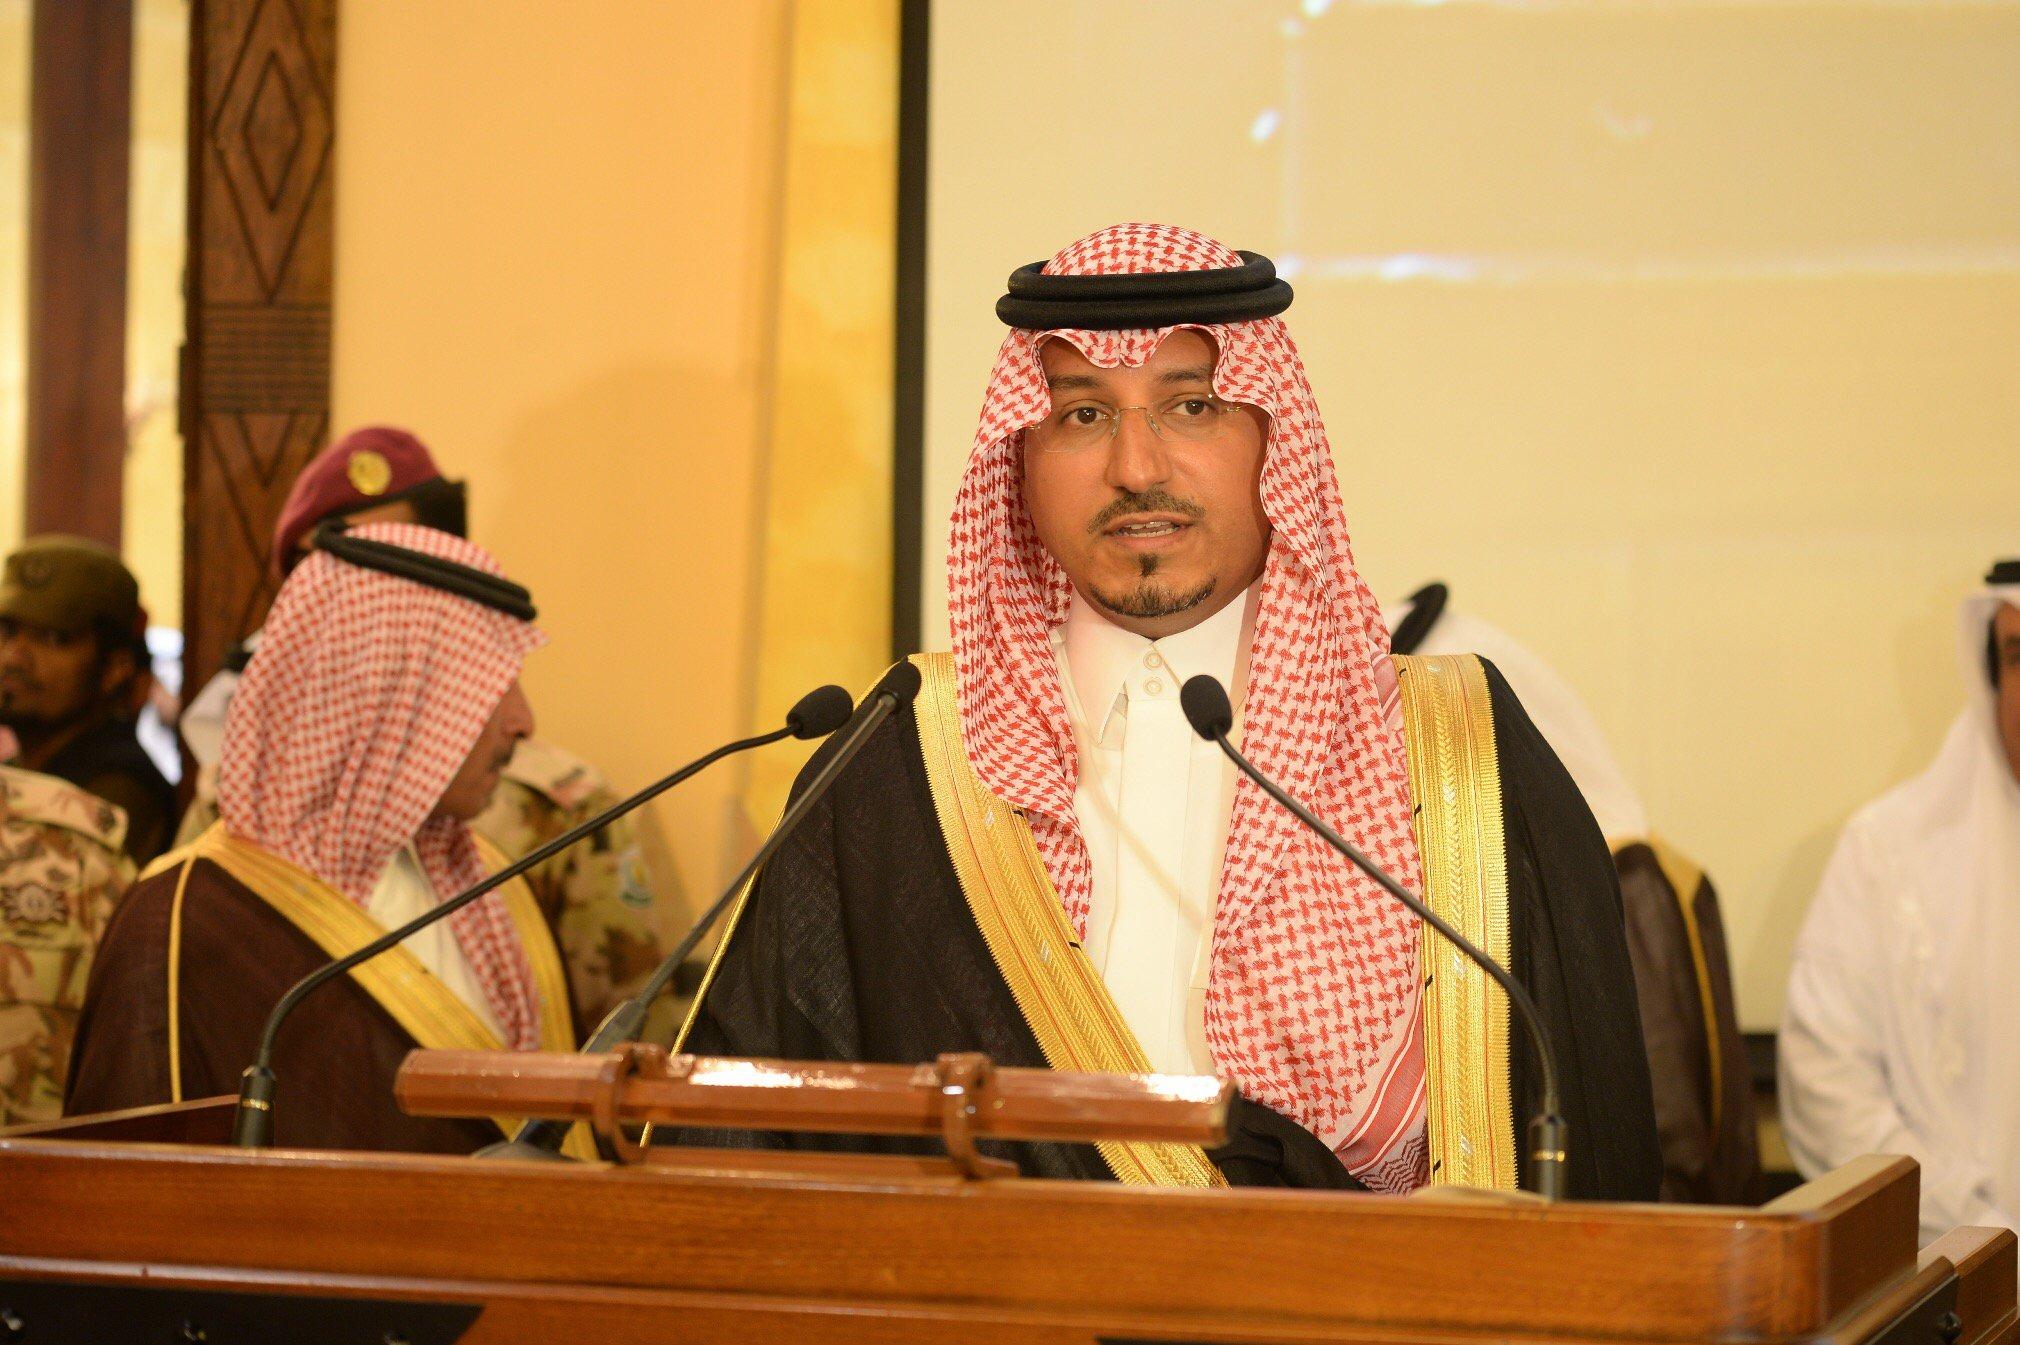 سقطت في منطقة صخور نارية.. شاهد حطام طائرة الأمير السعودي الراحل منصور بن مقرن